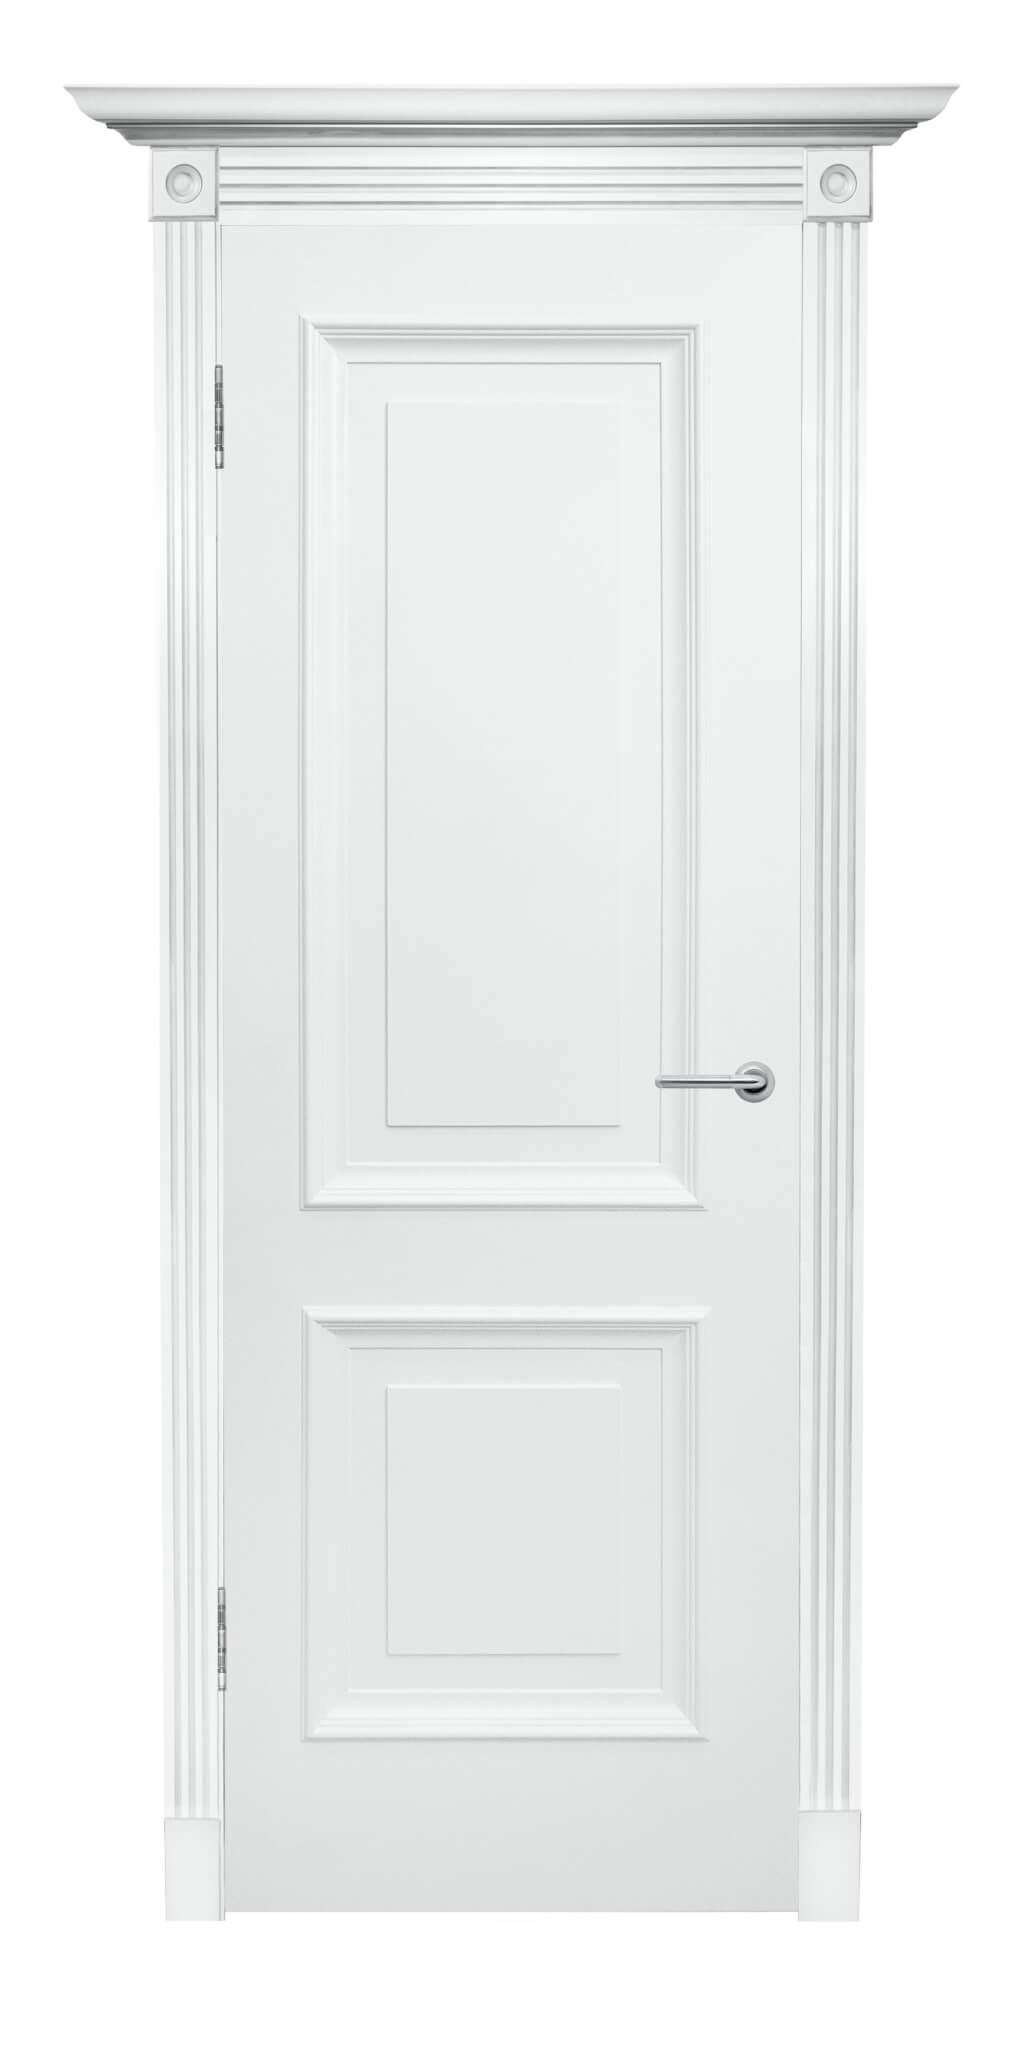 kupit dver-neapol-2